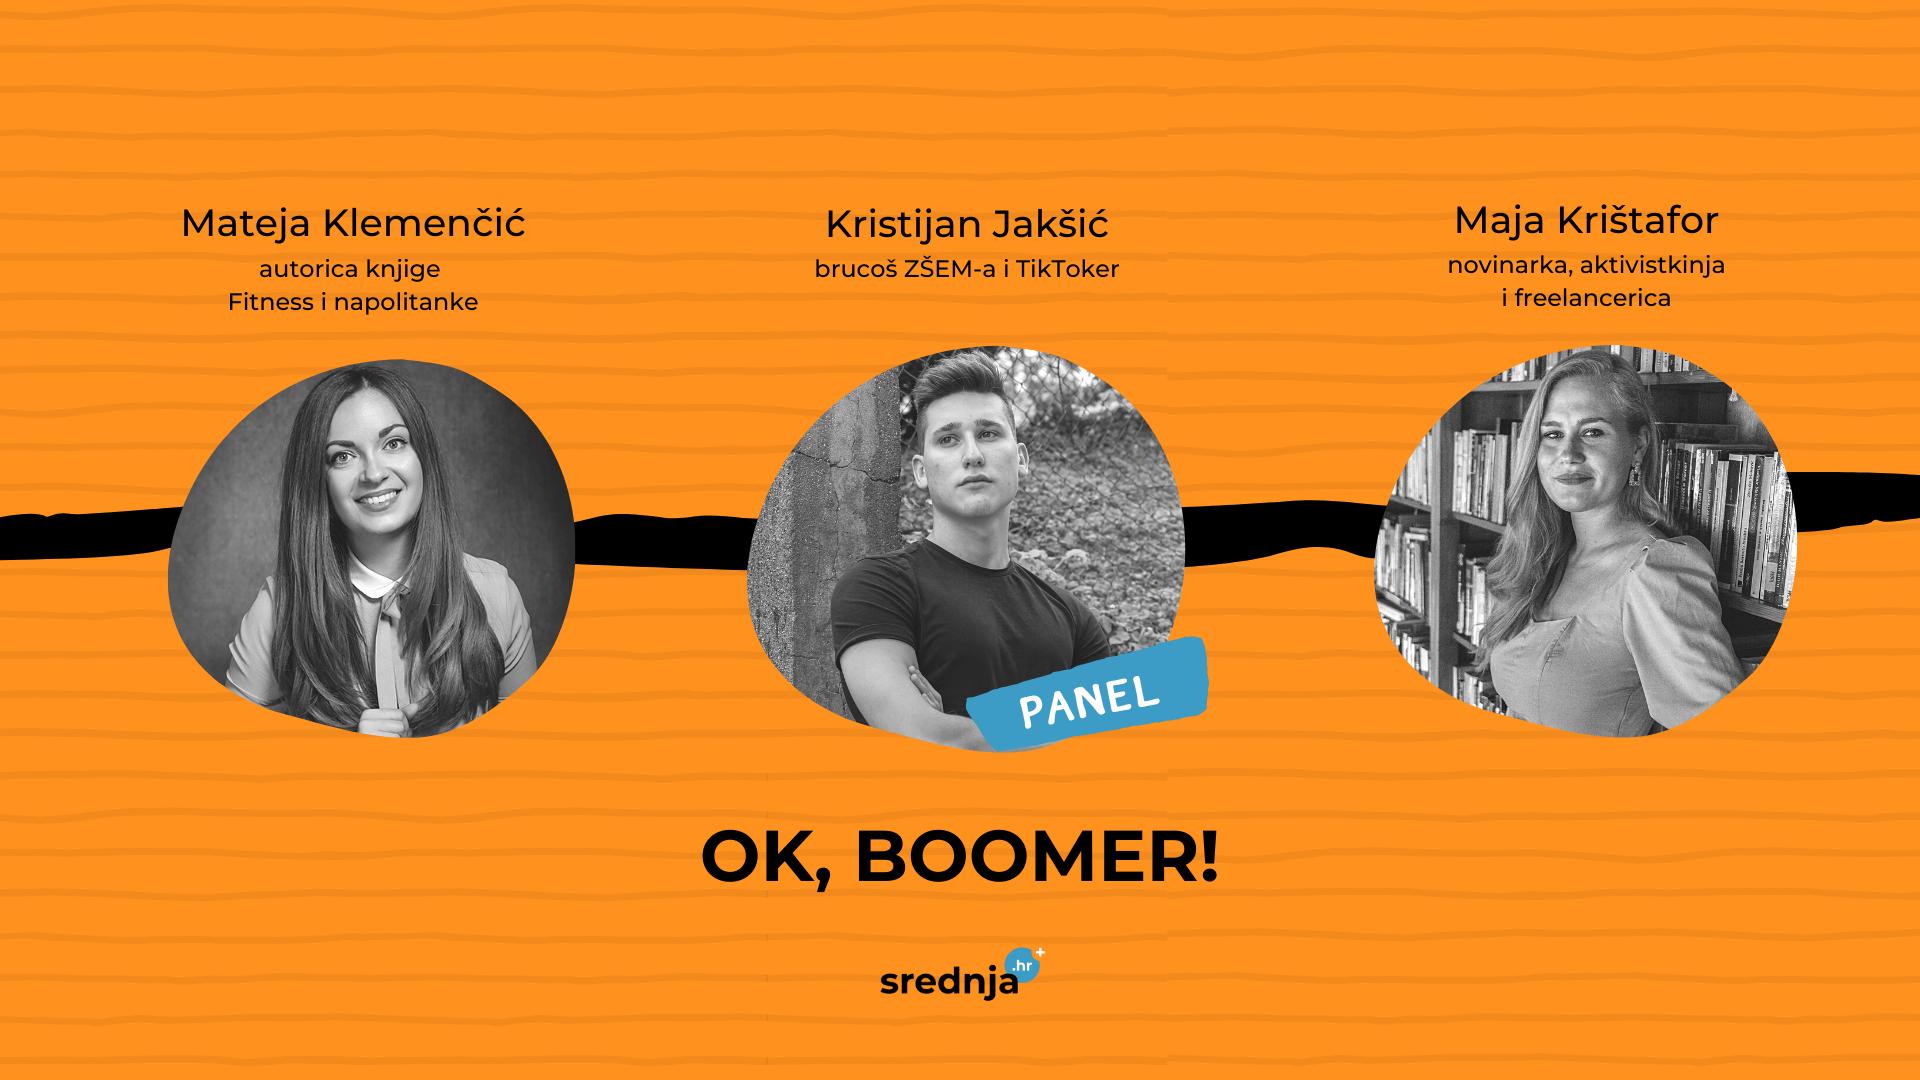 ok boomer panel konferencija srednjahr